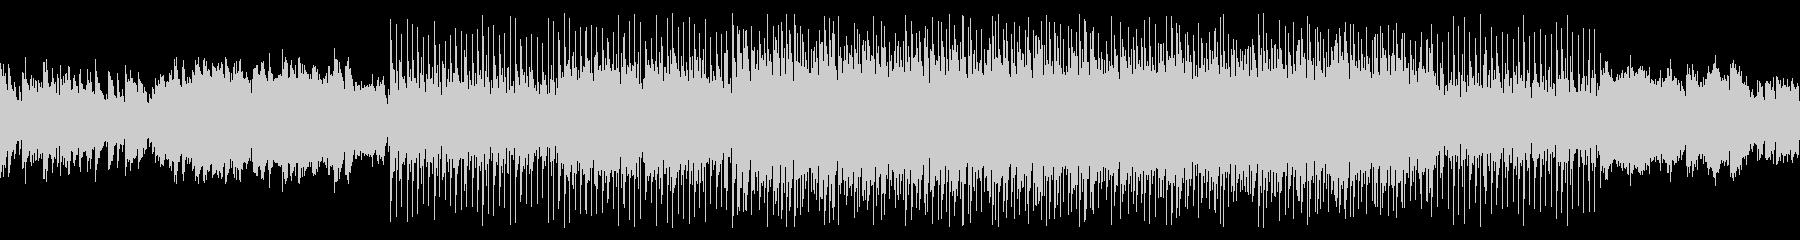 【ループ版】バイオリン 疾走感の未再生の波形